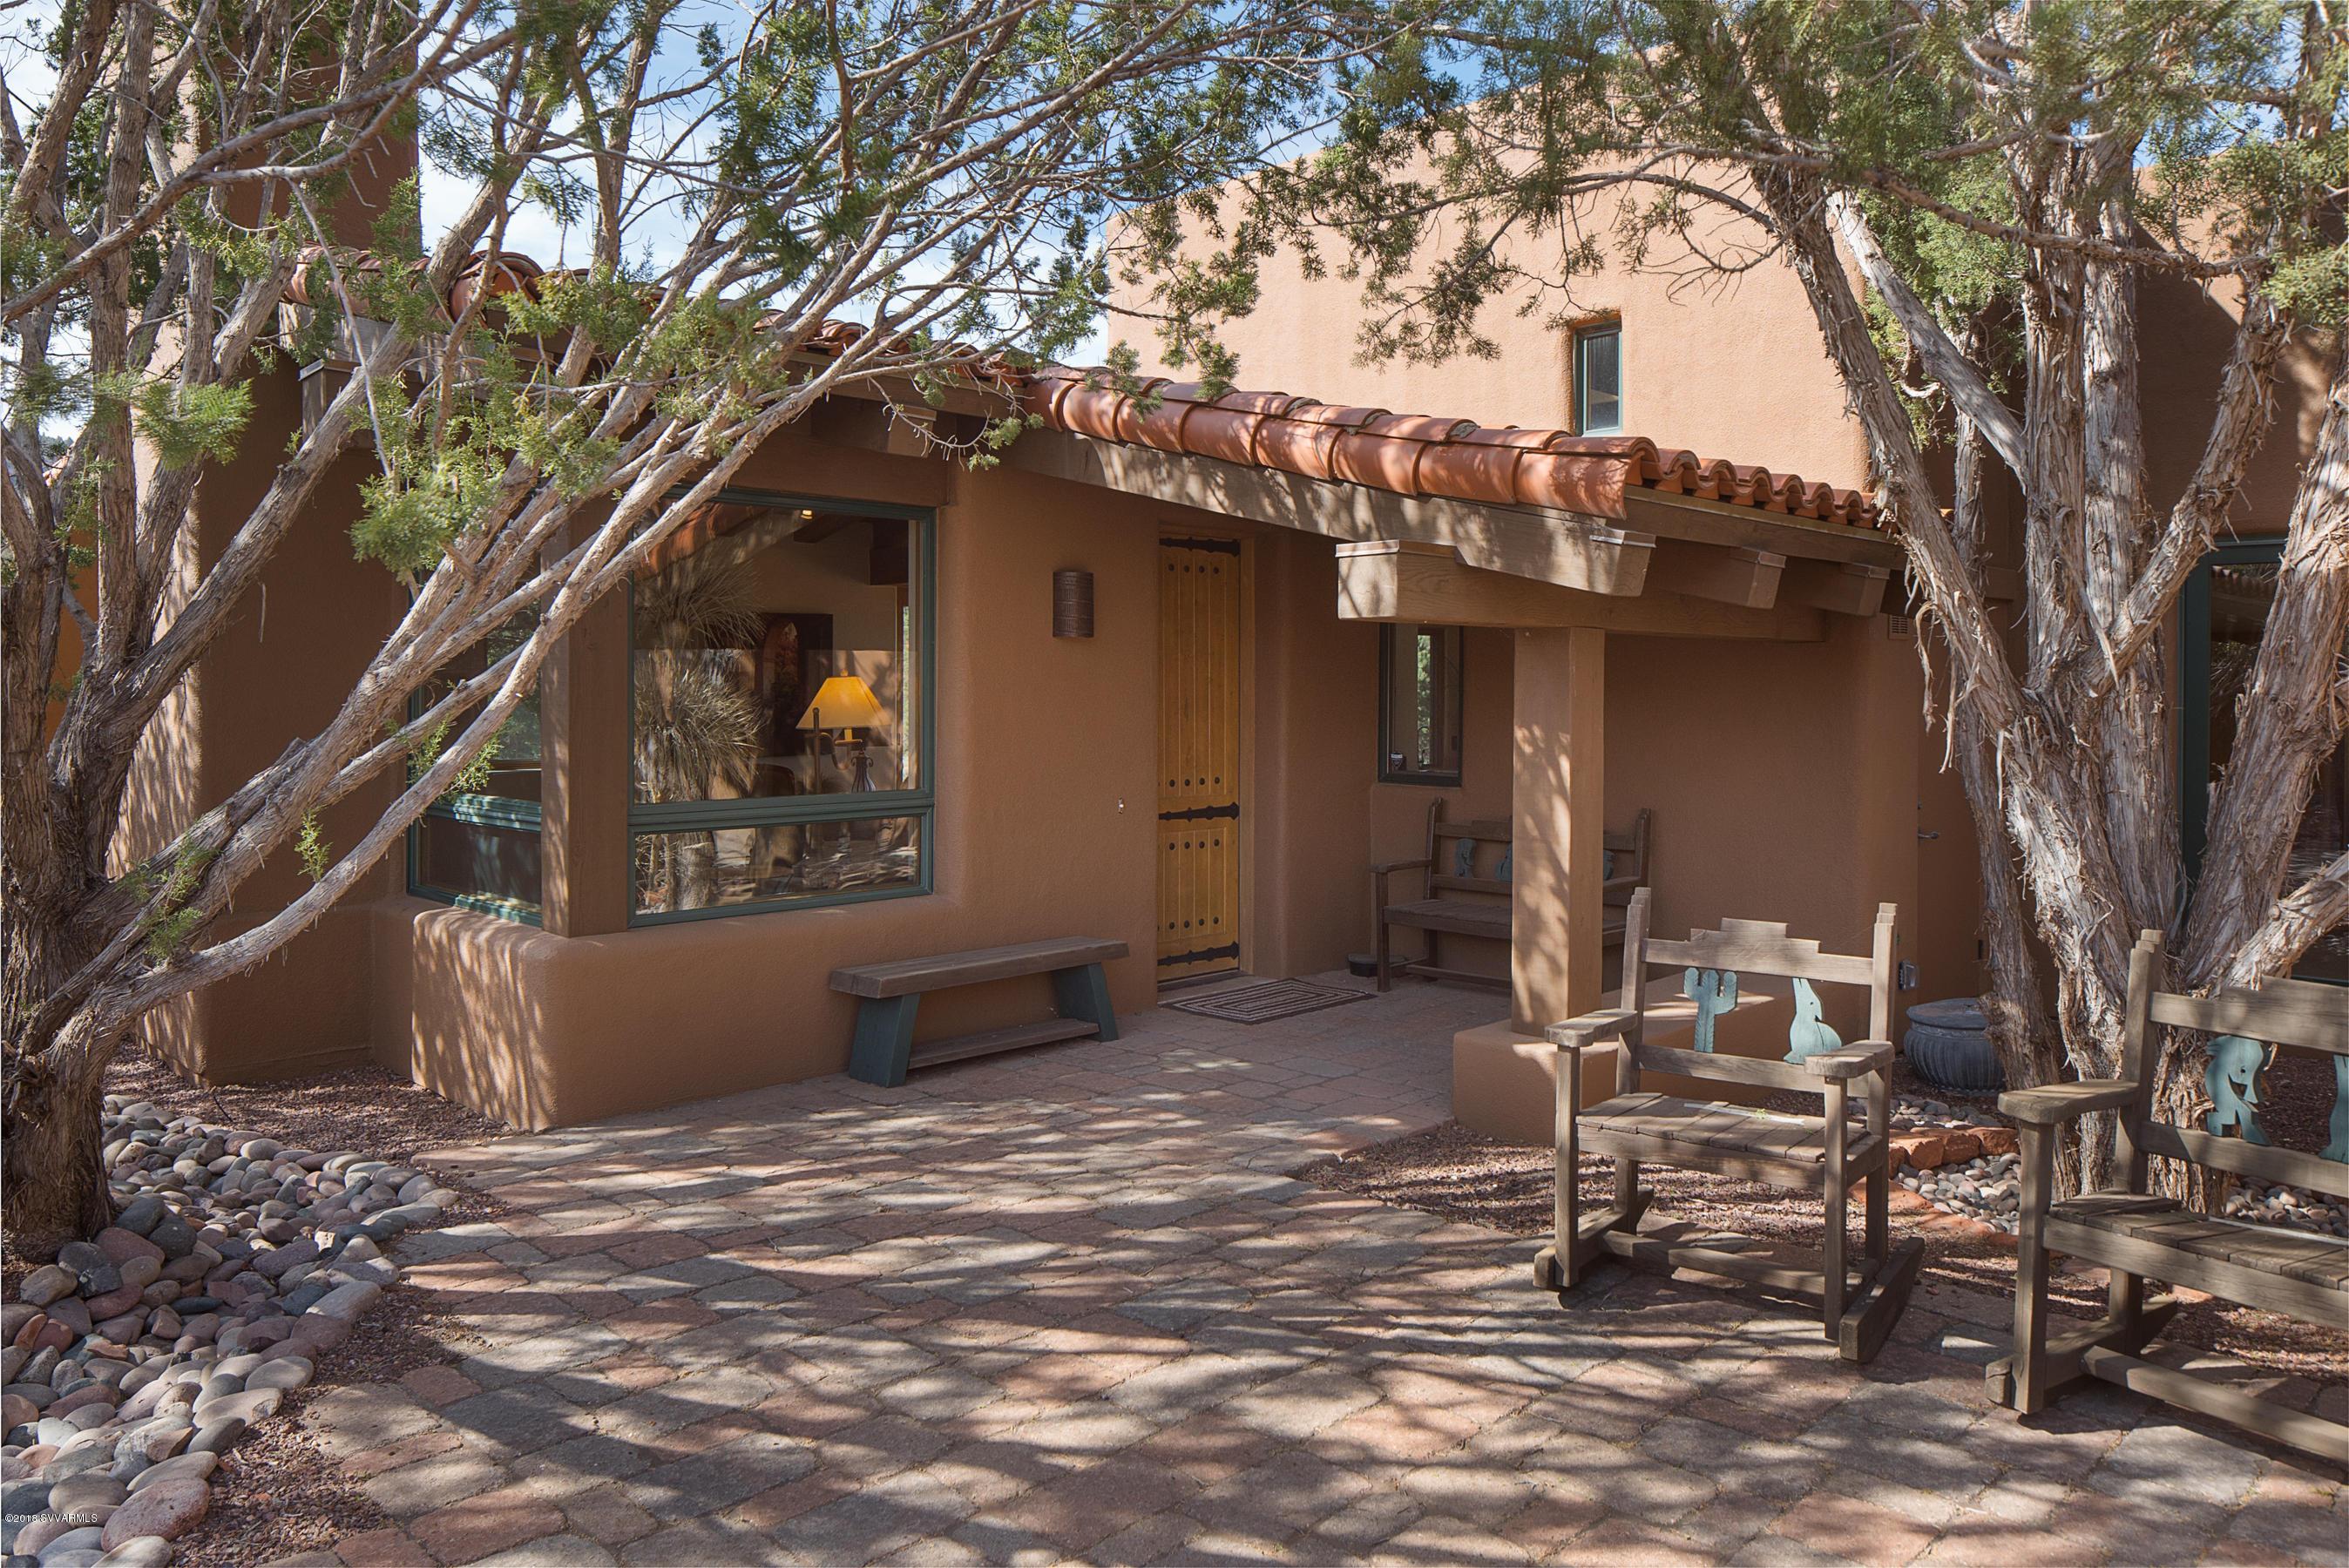 105 Little Park Rd Sedona, AZ 86351